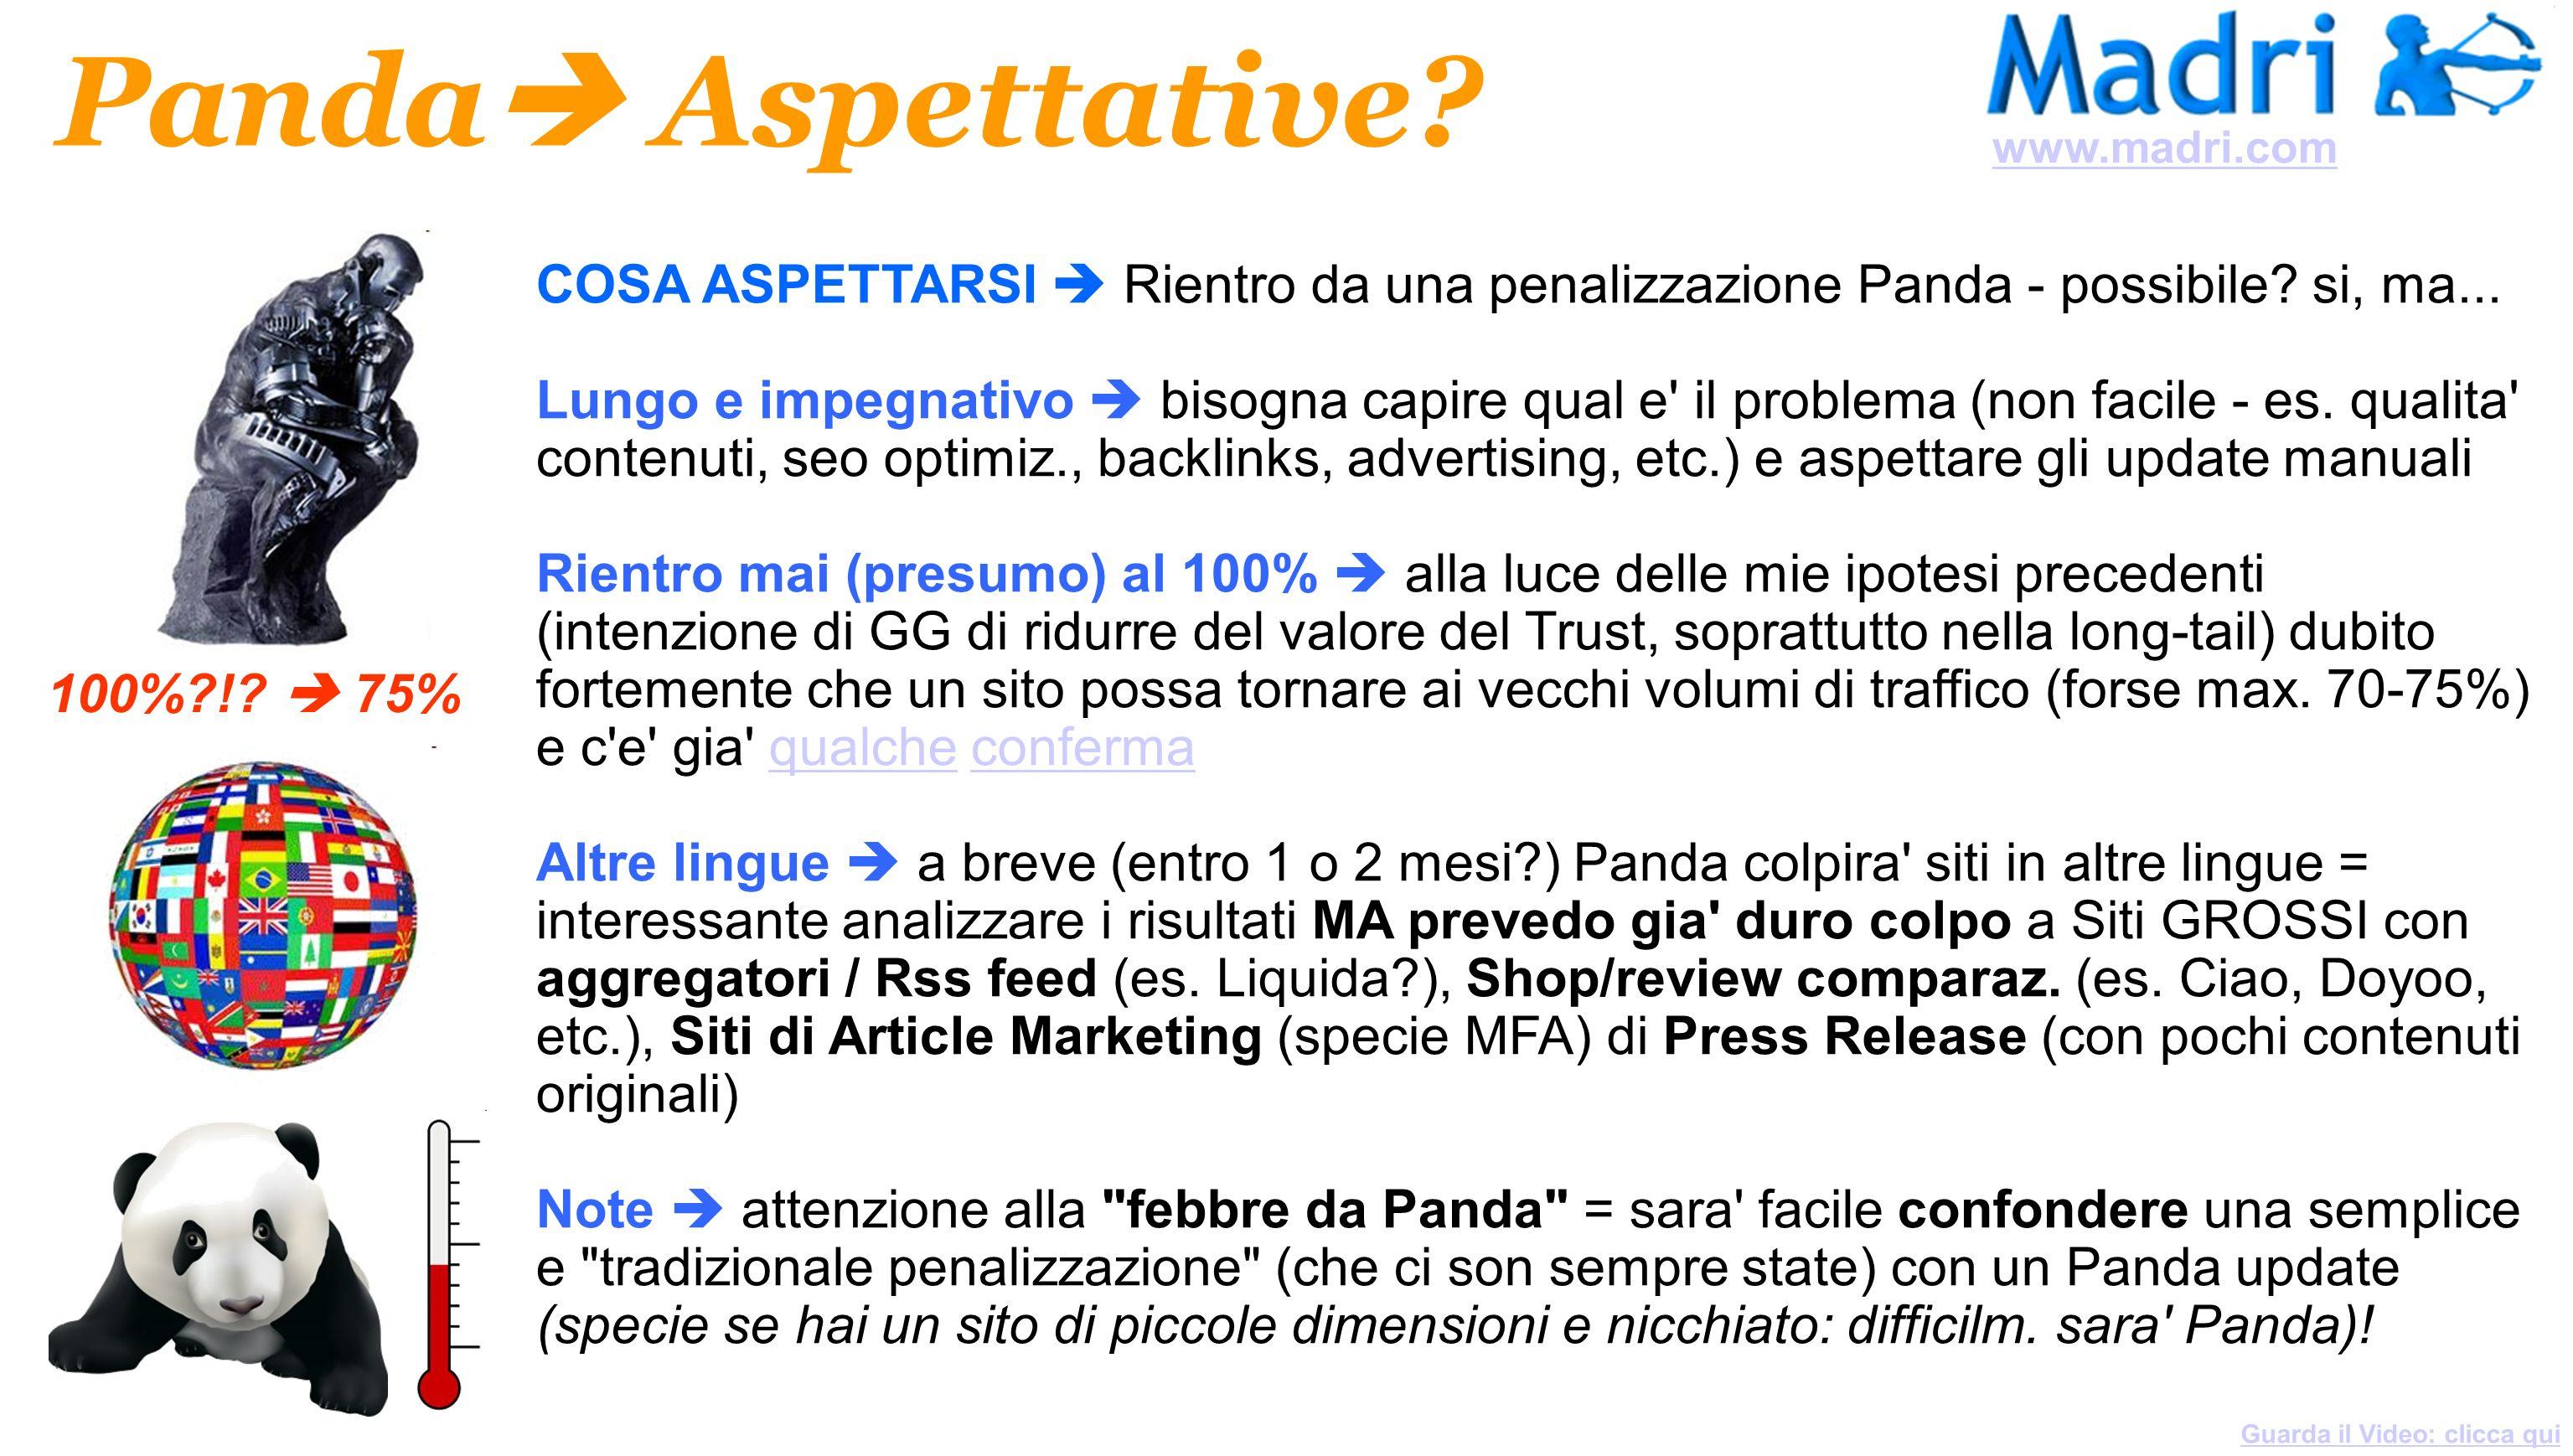 www.madri.com Panda Aspettative COSA ASPETTARSI  Rientro da una penalizzazione Panda - possibile si, ma...